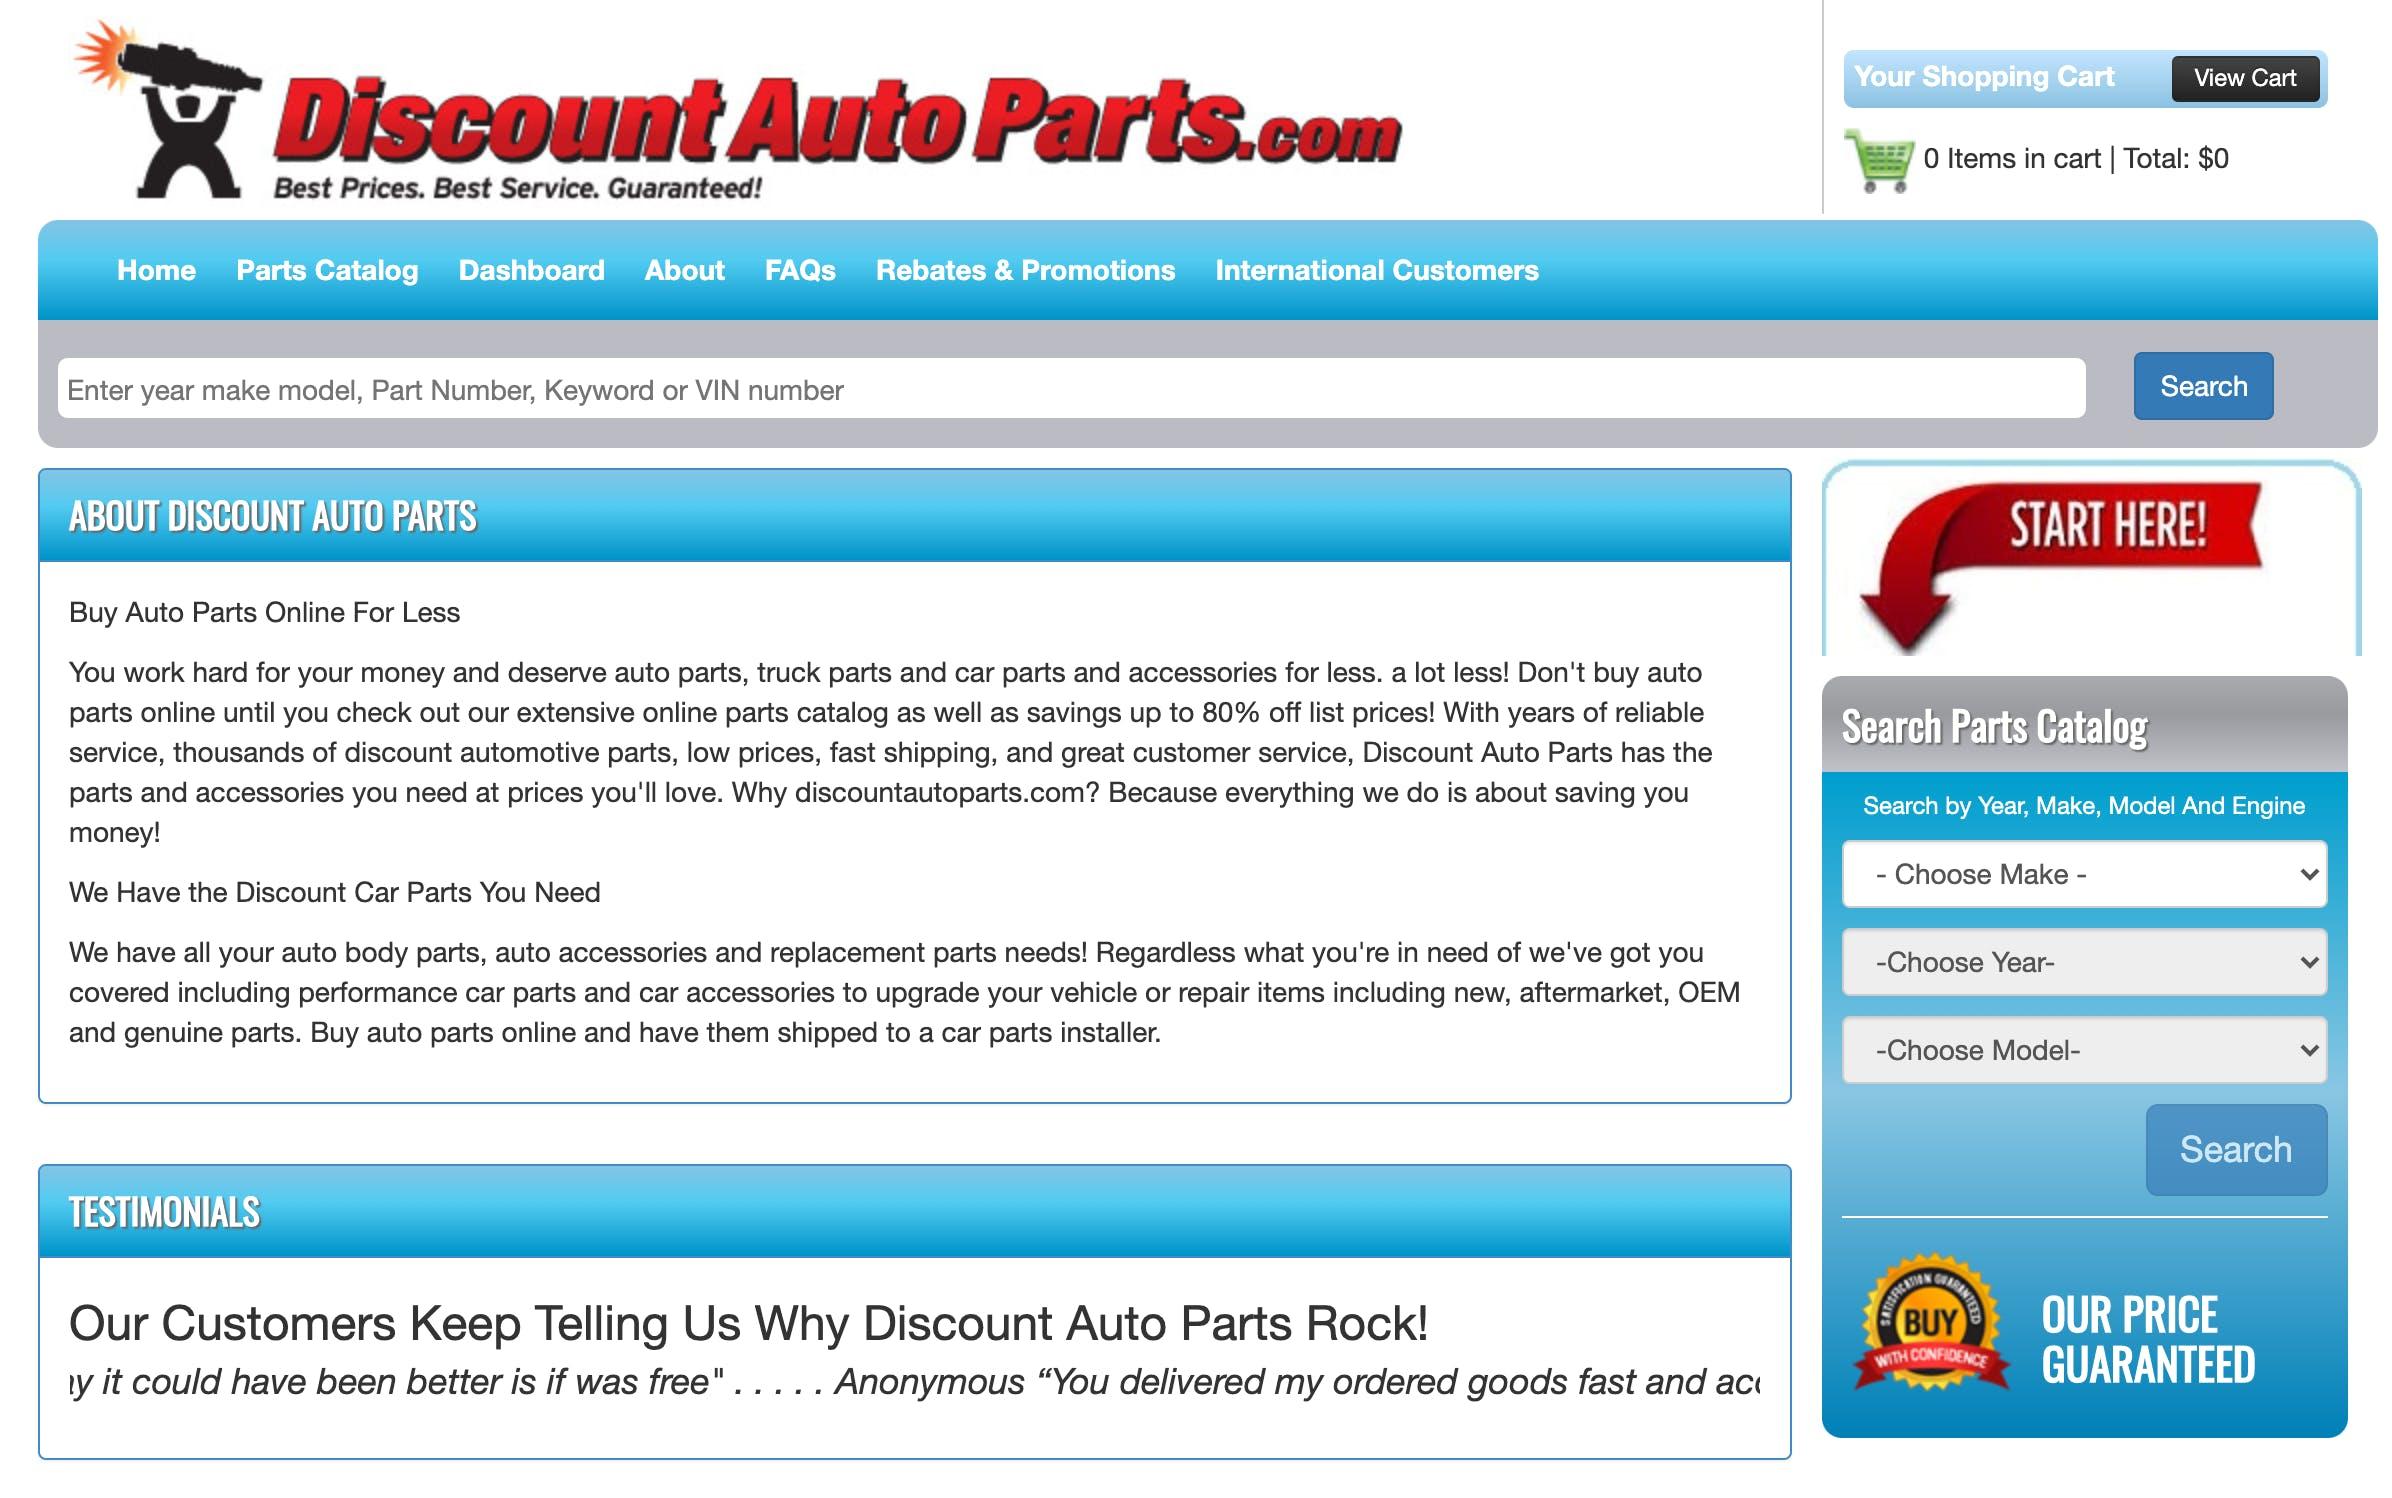 discountautoparts.com website